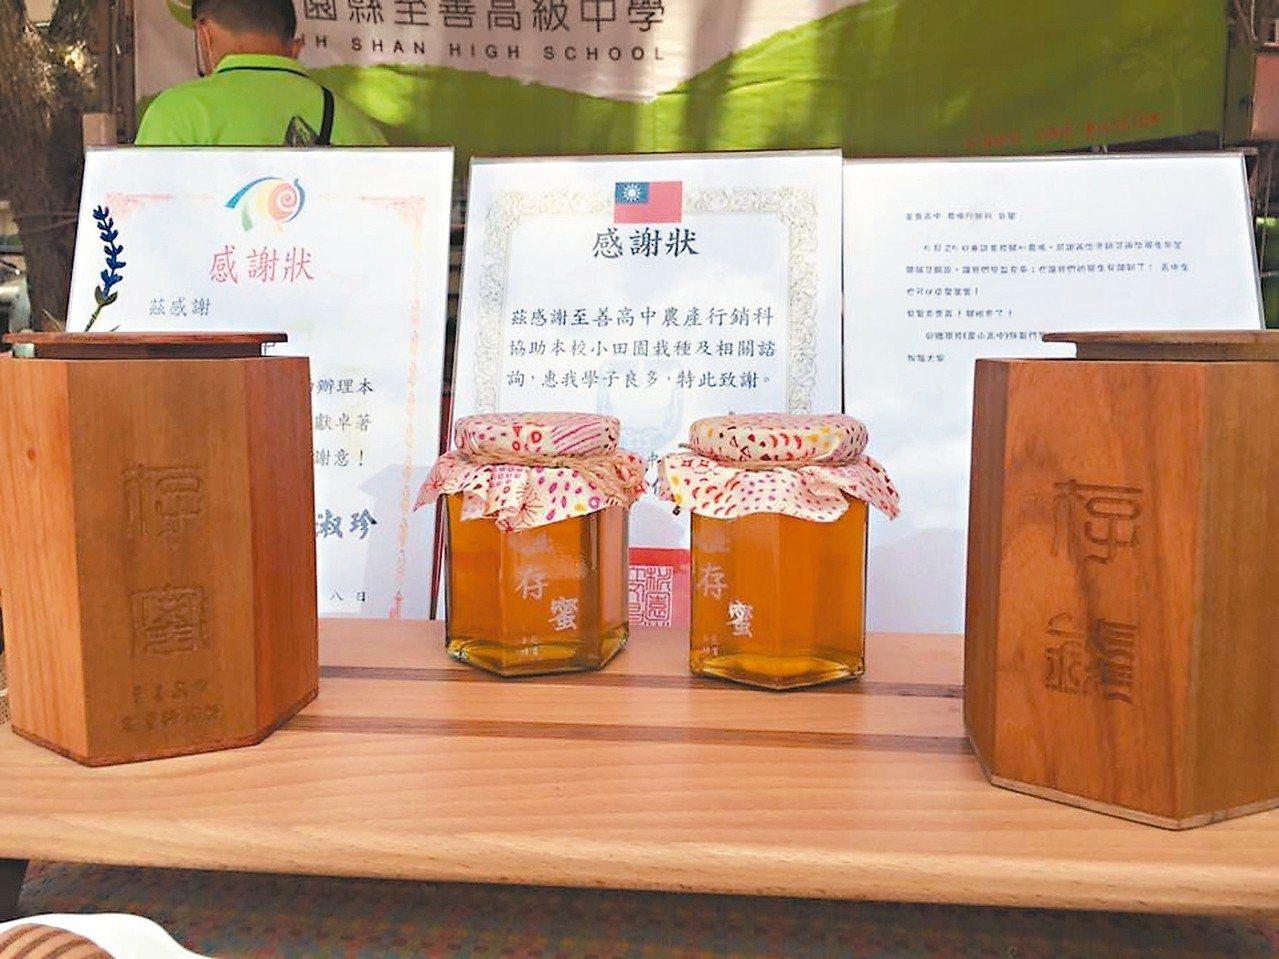 「存蜜」的木盒包裝可以當存錢筒和筆筒。 圖/桃園市至善高中提供